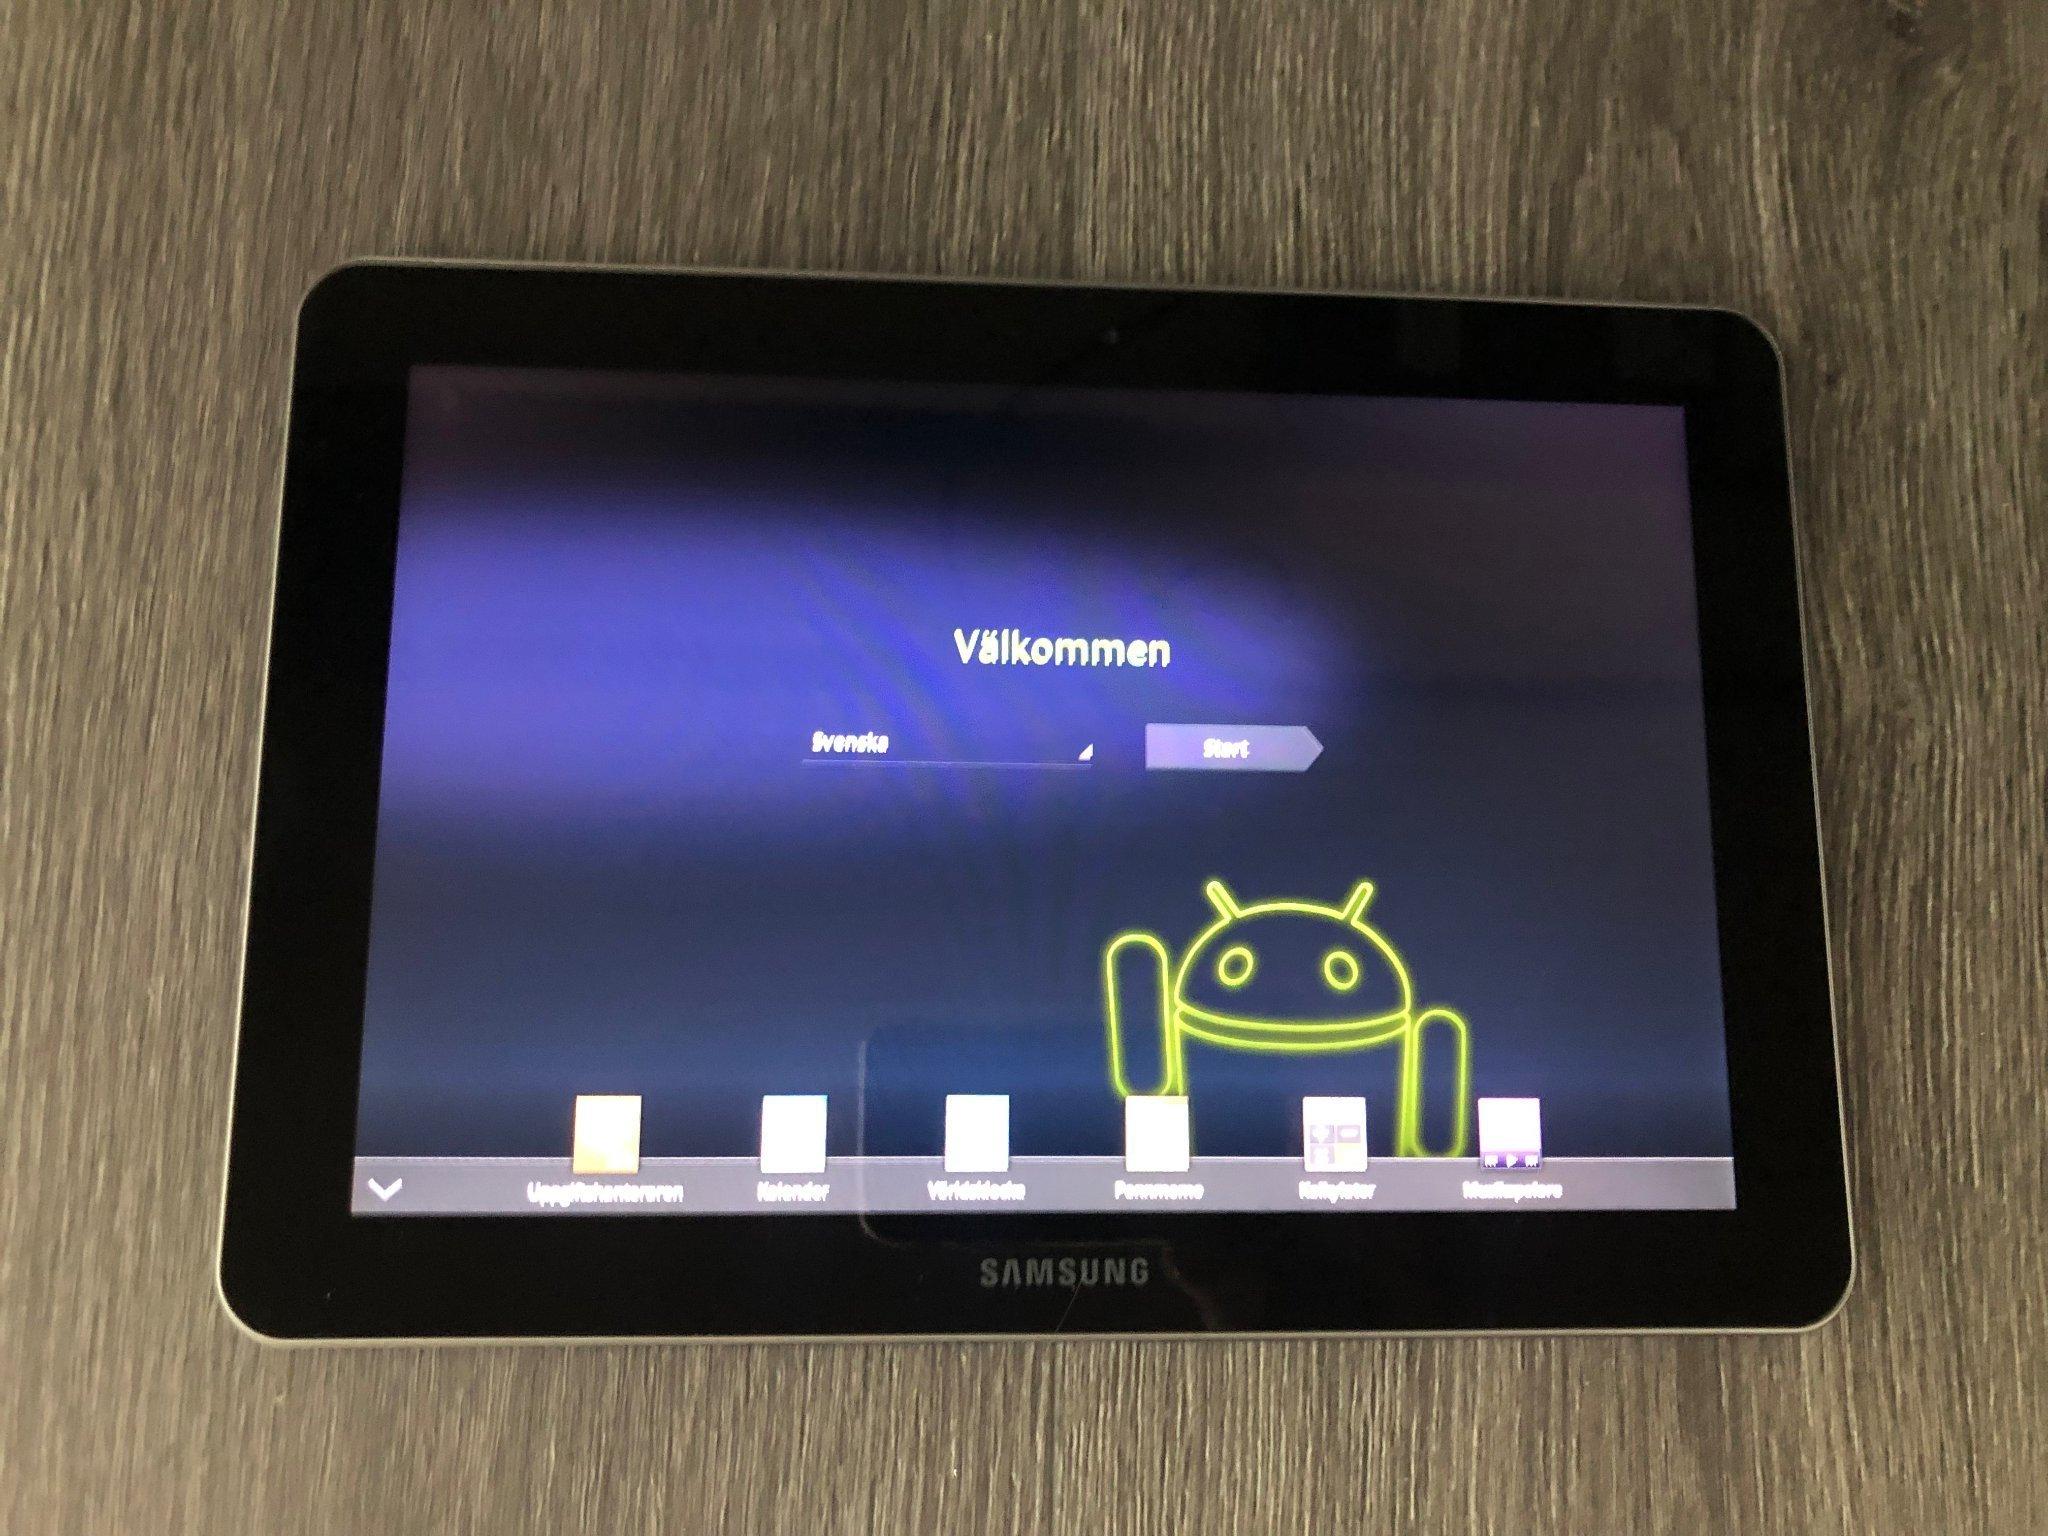 Samsung Galaxy Tab 10.1 (397505286) ᐈ Köp på Tradera